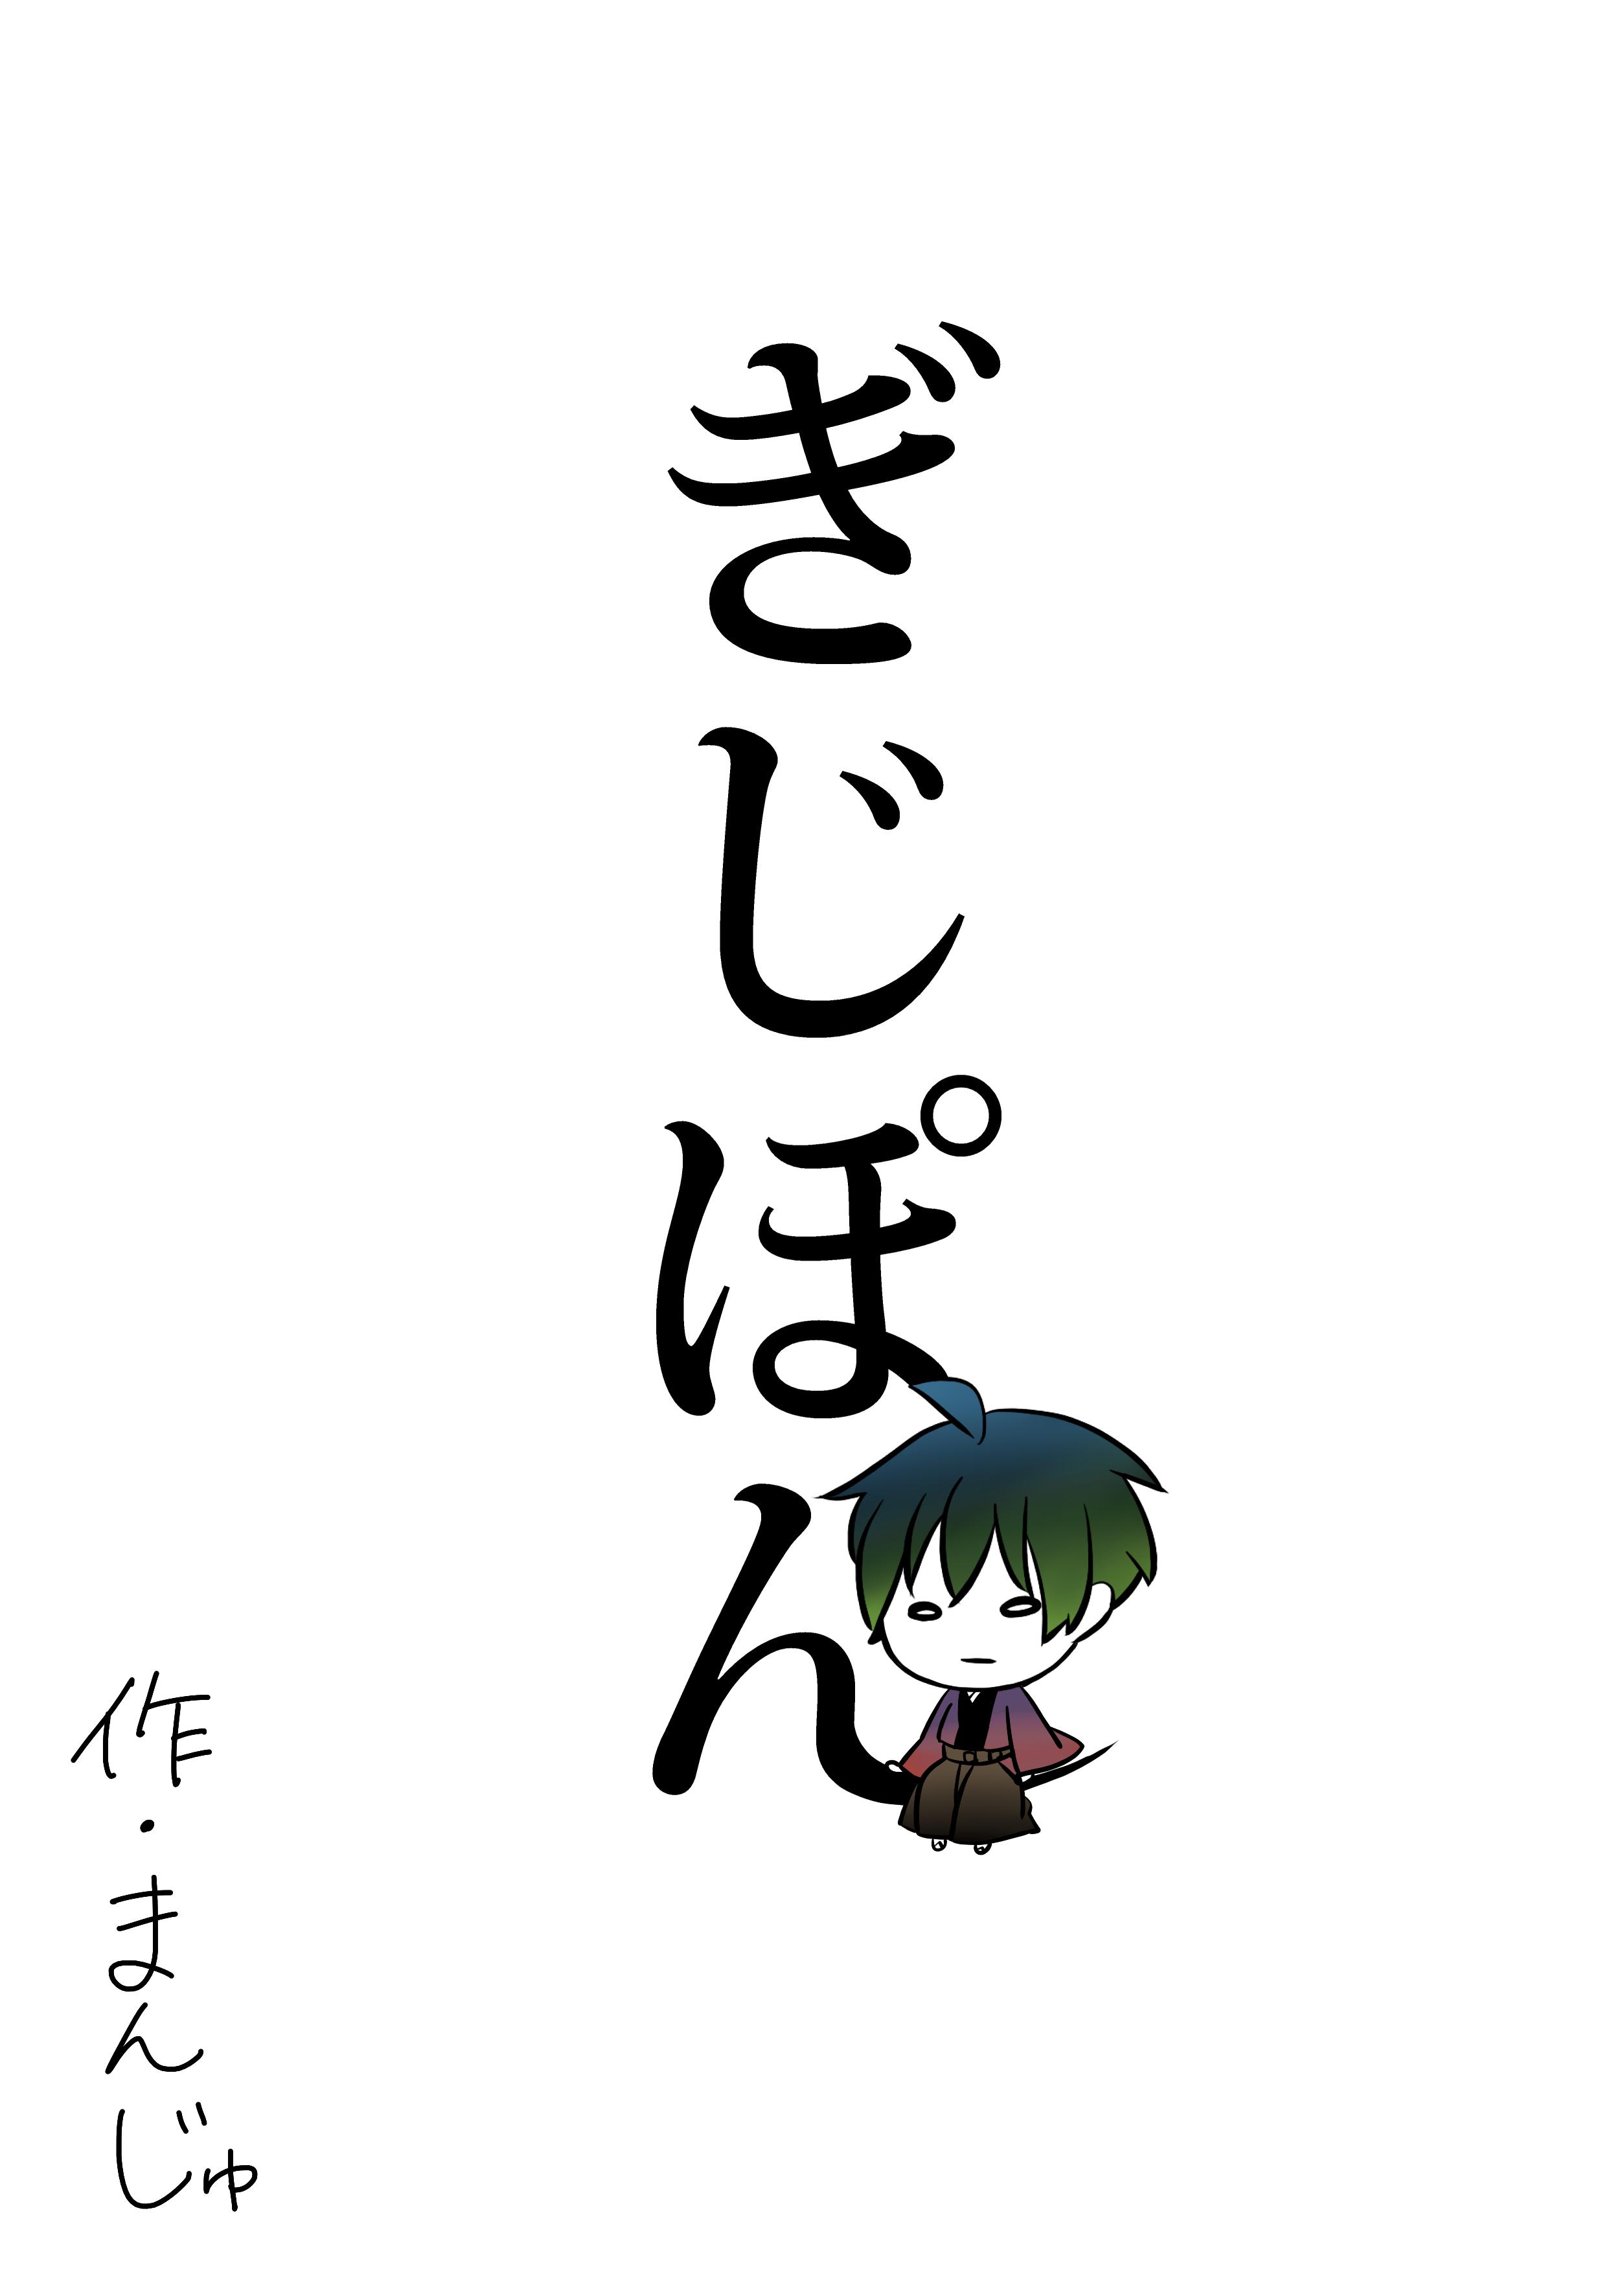 秋タイトル.png